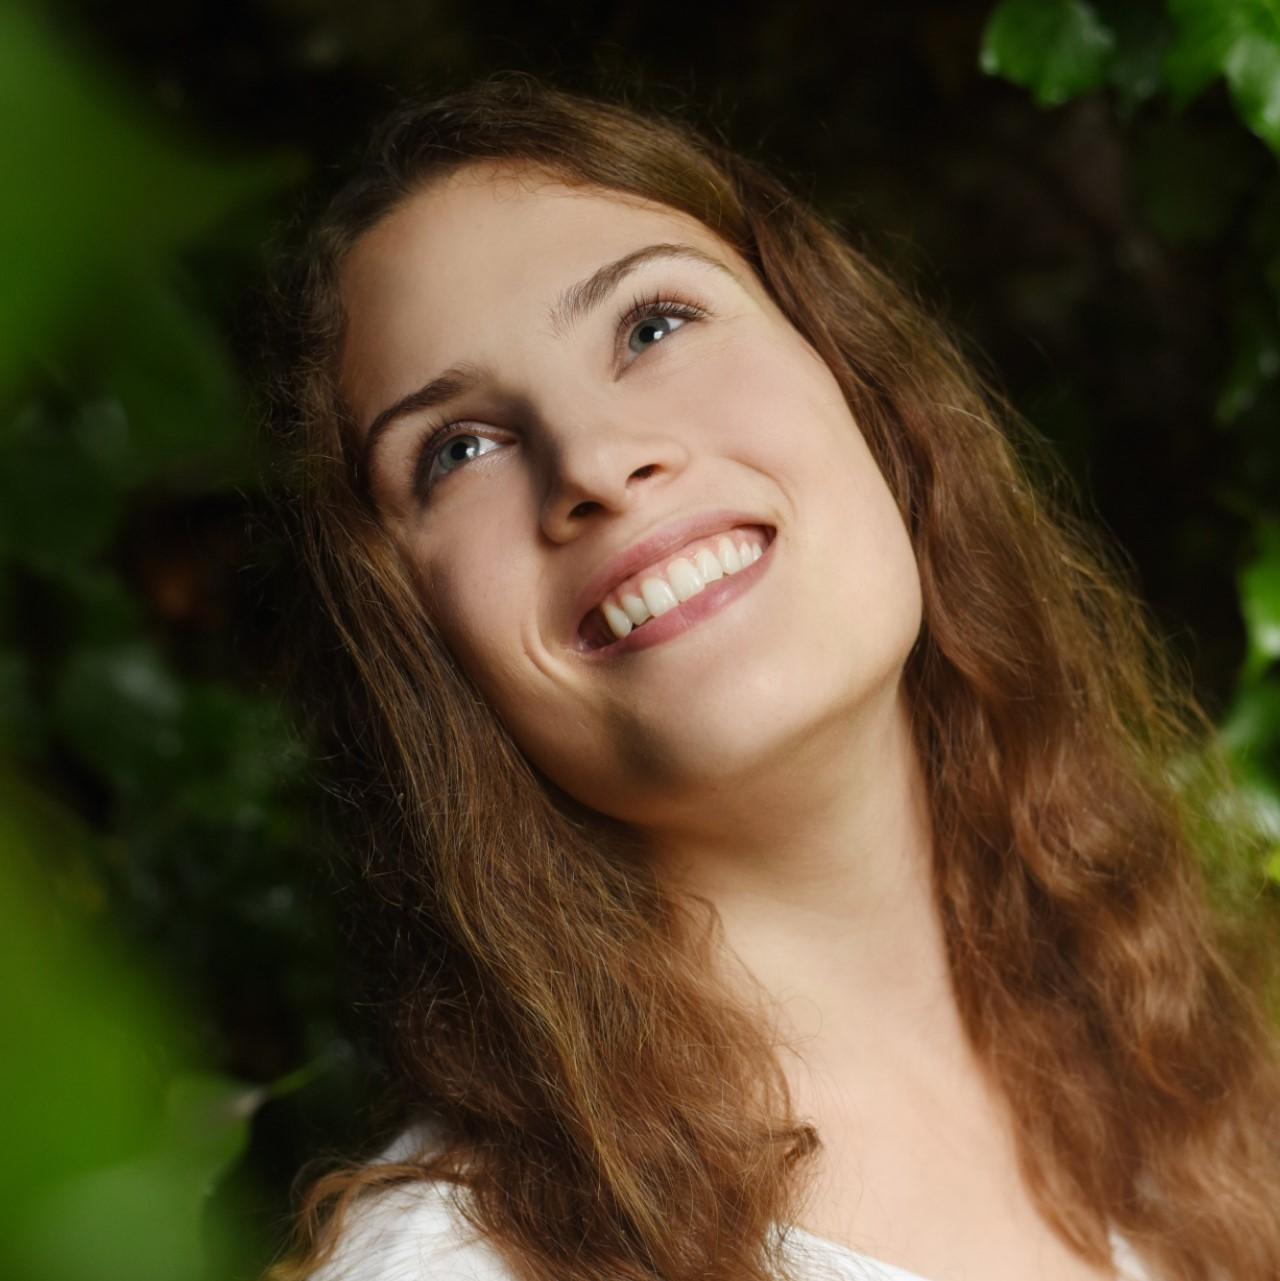 Portraitfoto von Schauspielerin Sarah Klose.